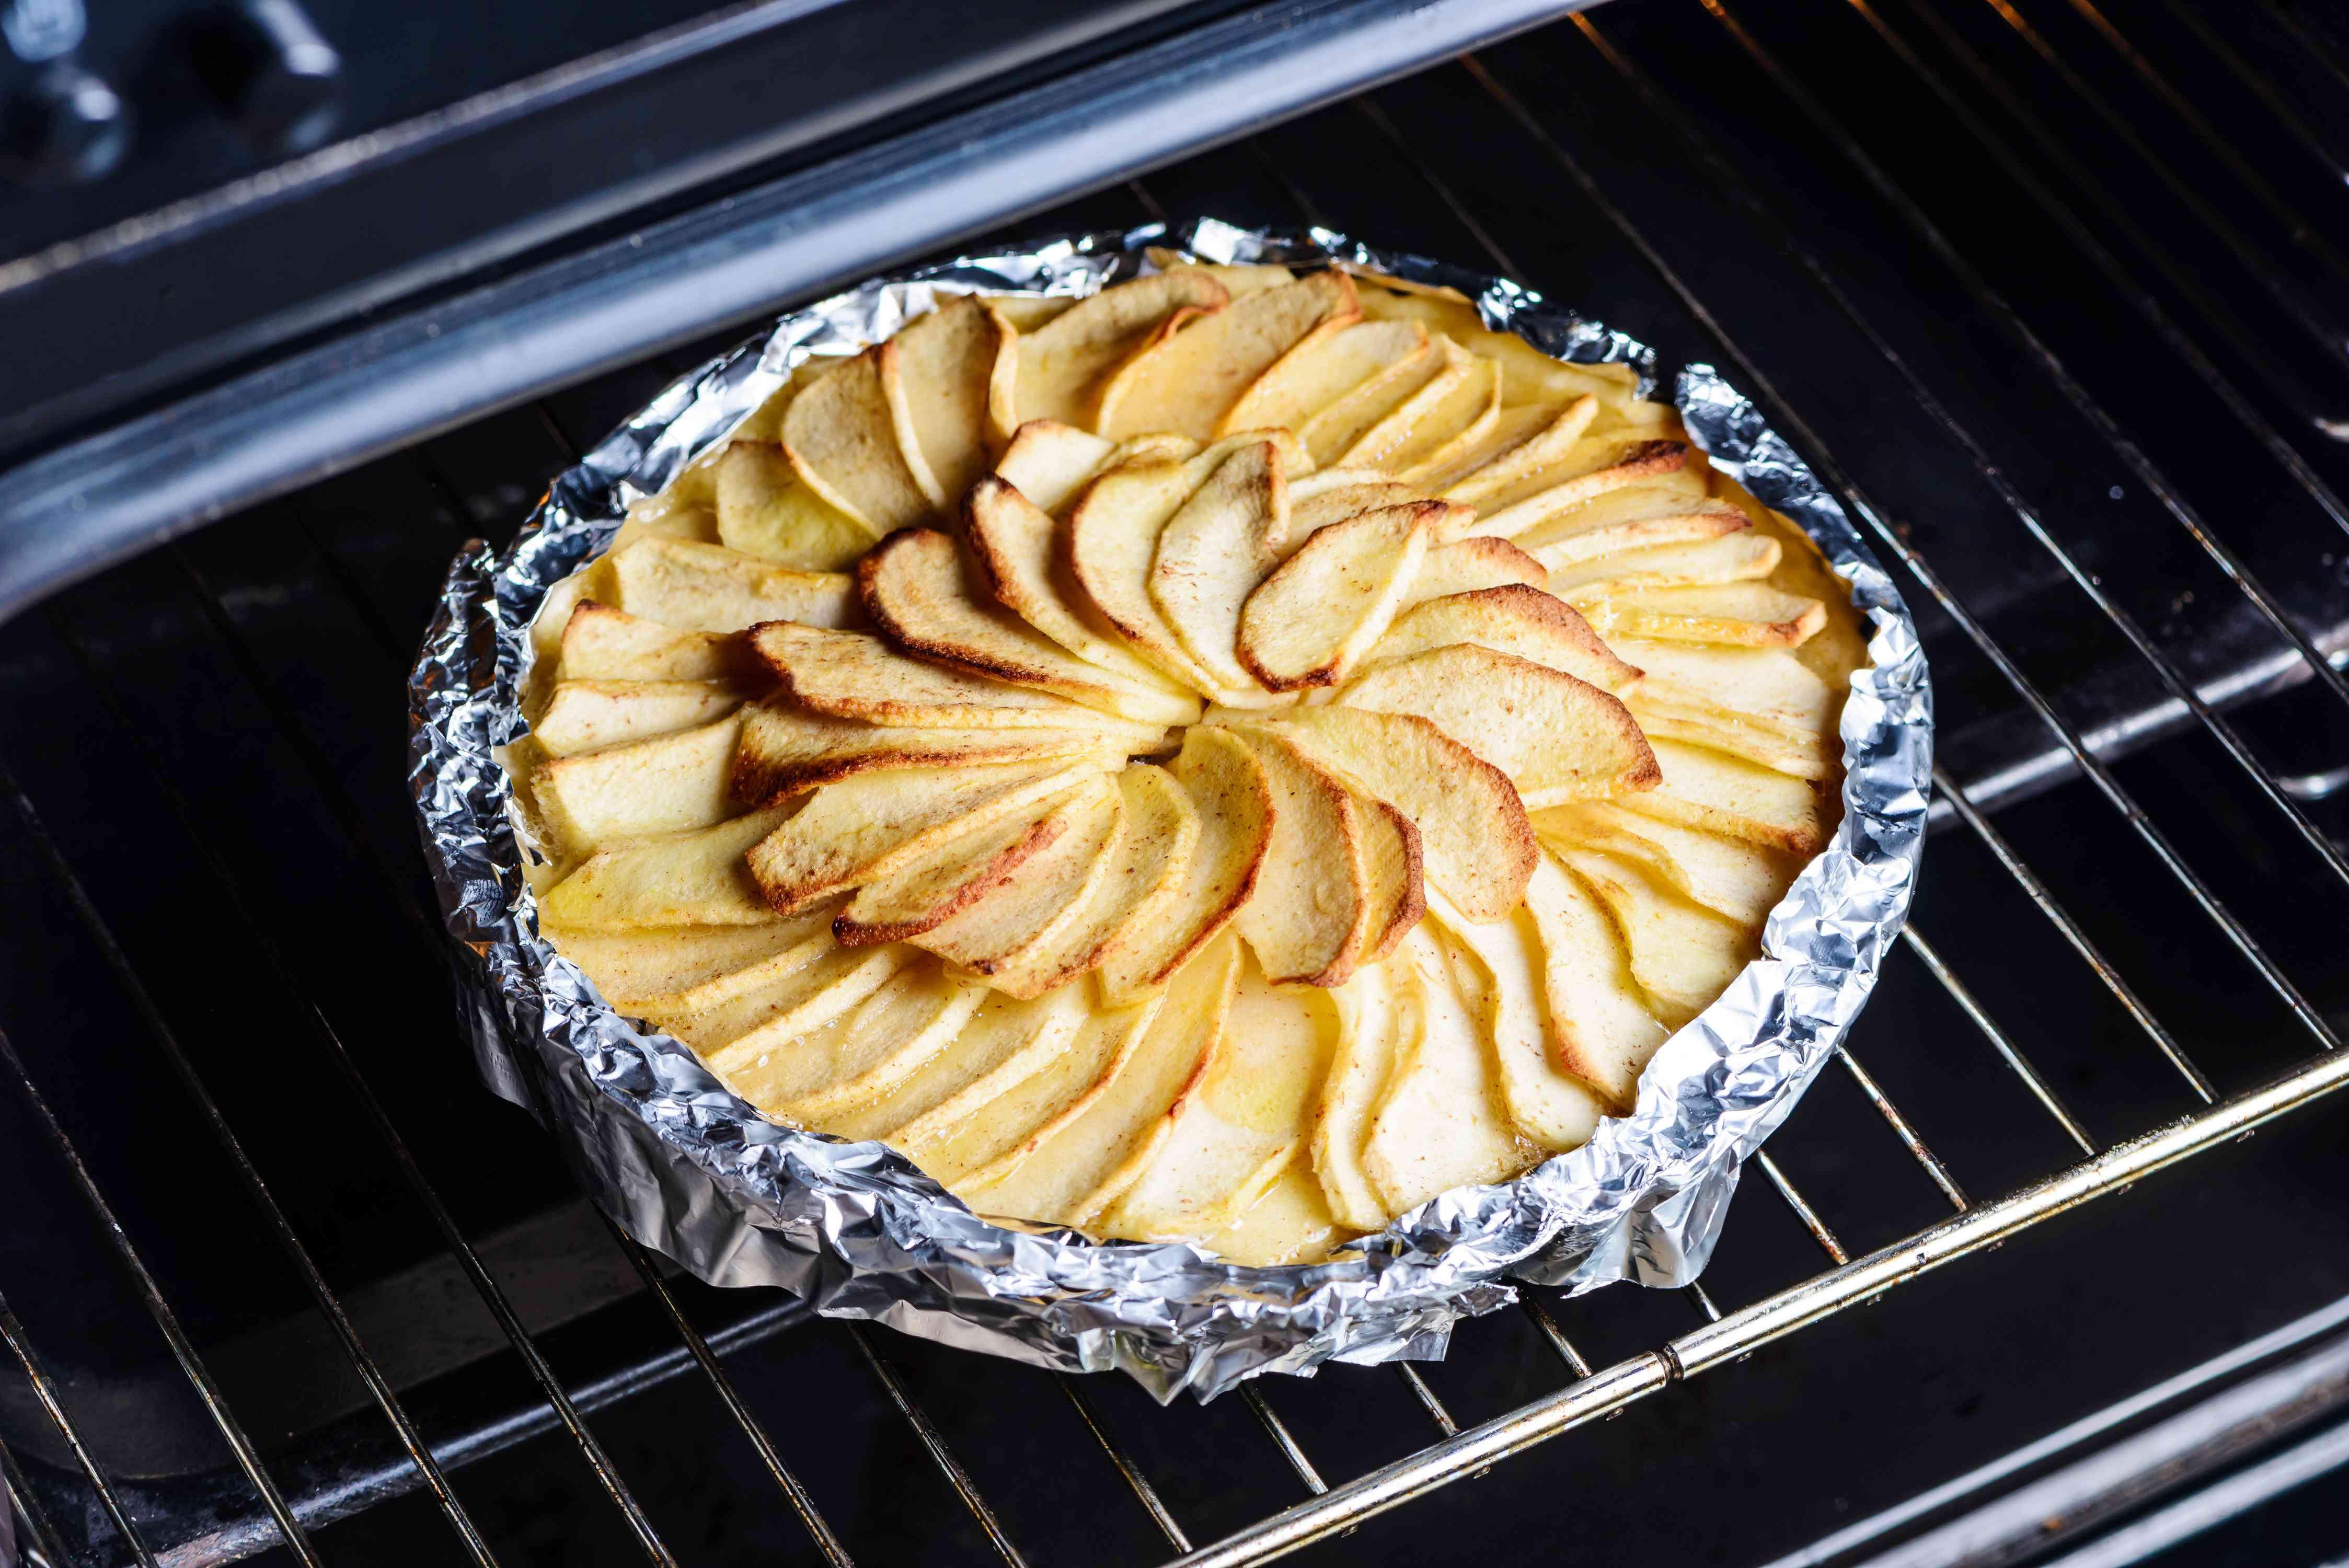 Bake the tart